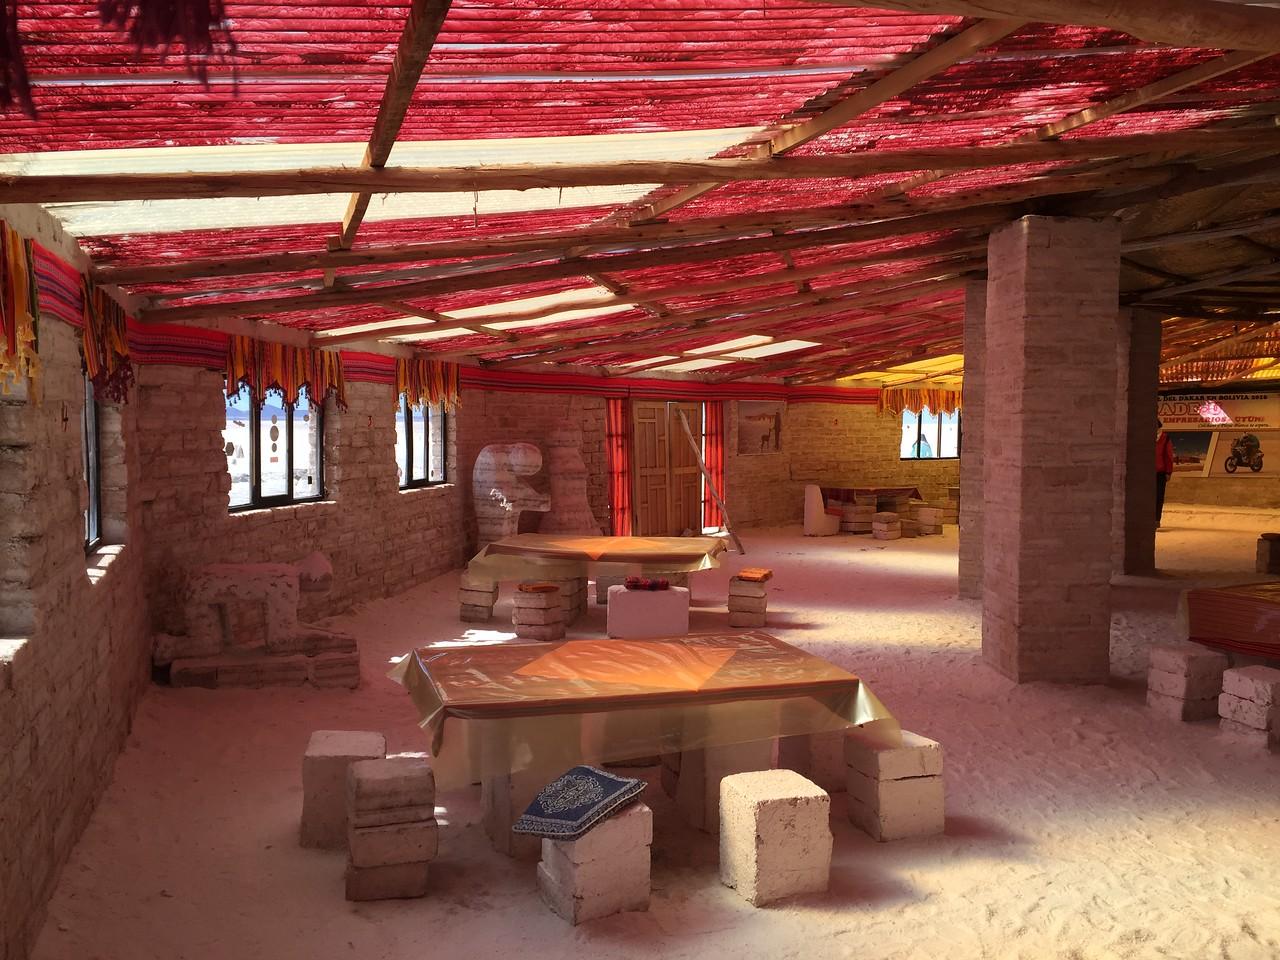 Hotel made out of salt at Salar de Uyuni, Boivia